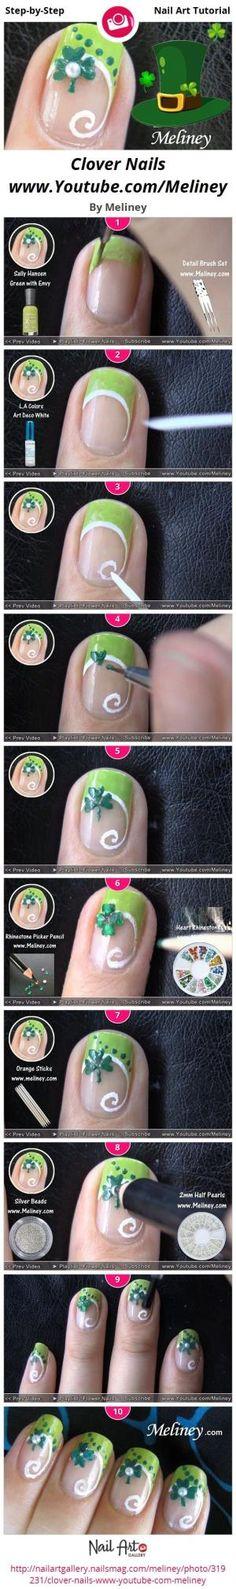 diy nails art diy marble nail art step by step photo fereckels Get Nails, Fancy Nails, Love Nails, Hair And Nails, Nail Polish Designs, Cute Nail Designs, Galeries D'art D'ongles, St Patricks Day Nails, Holiday Nail Art